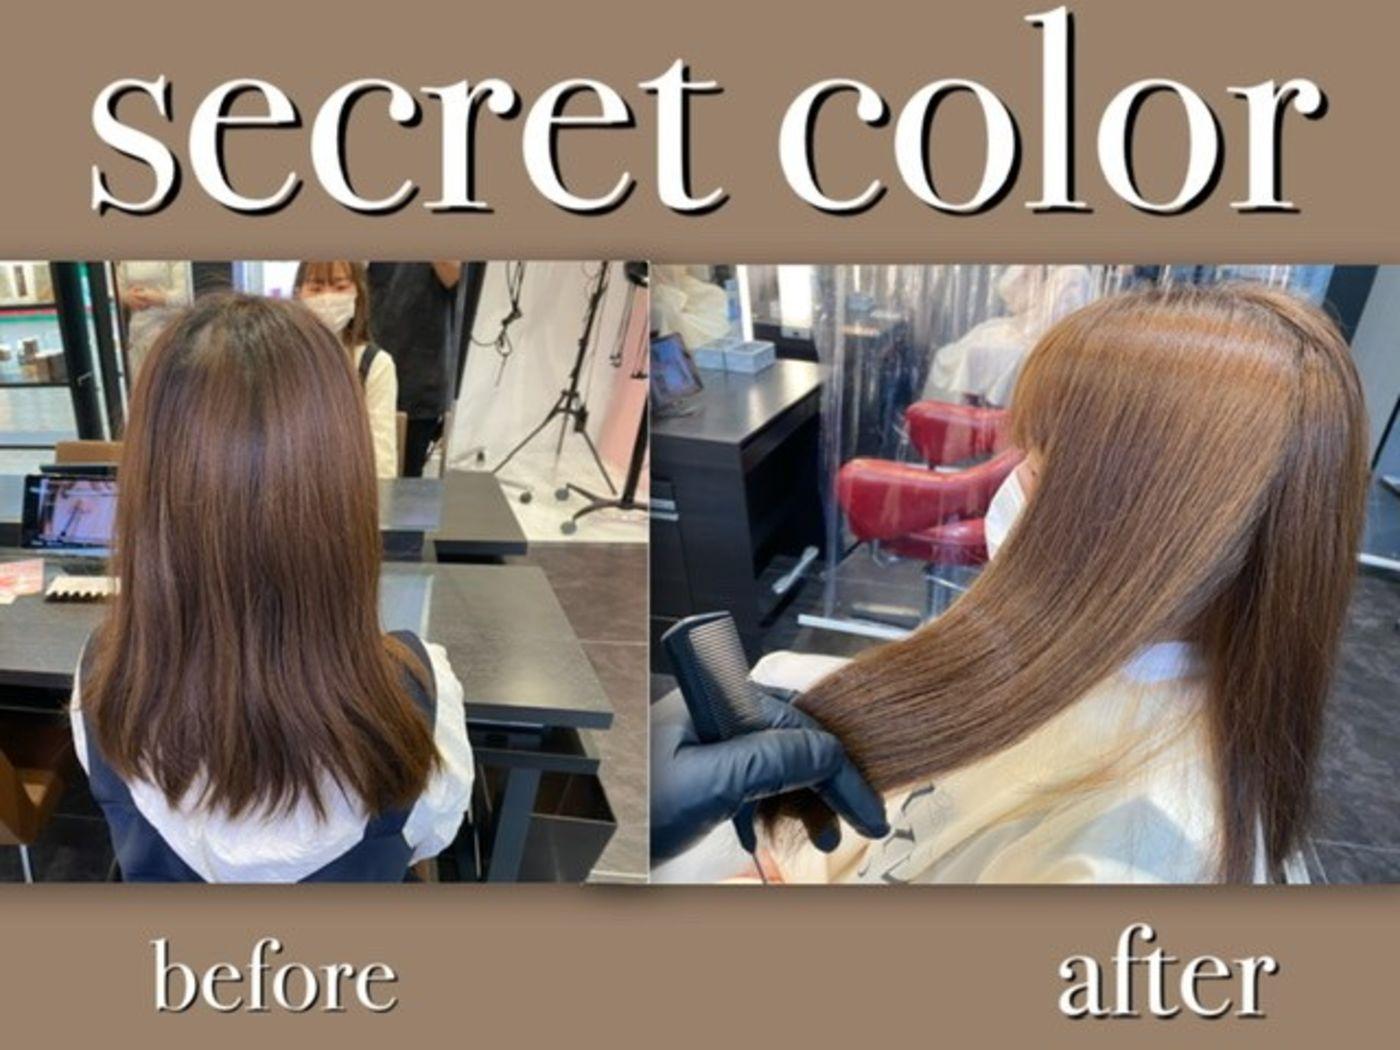 シークレットカラーは外でも室内でも綺麗な髪色再現が可能